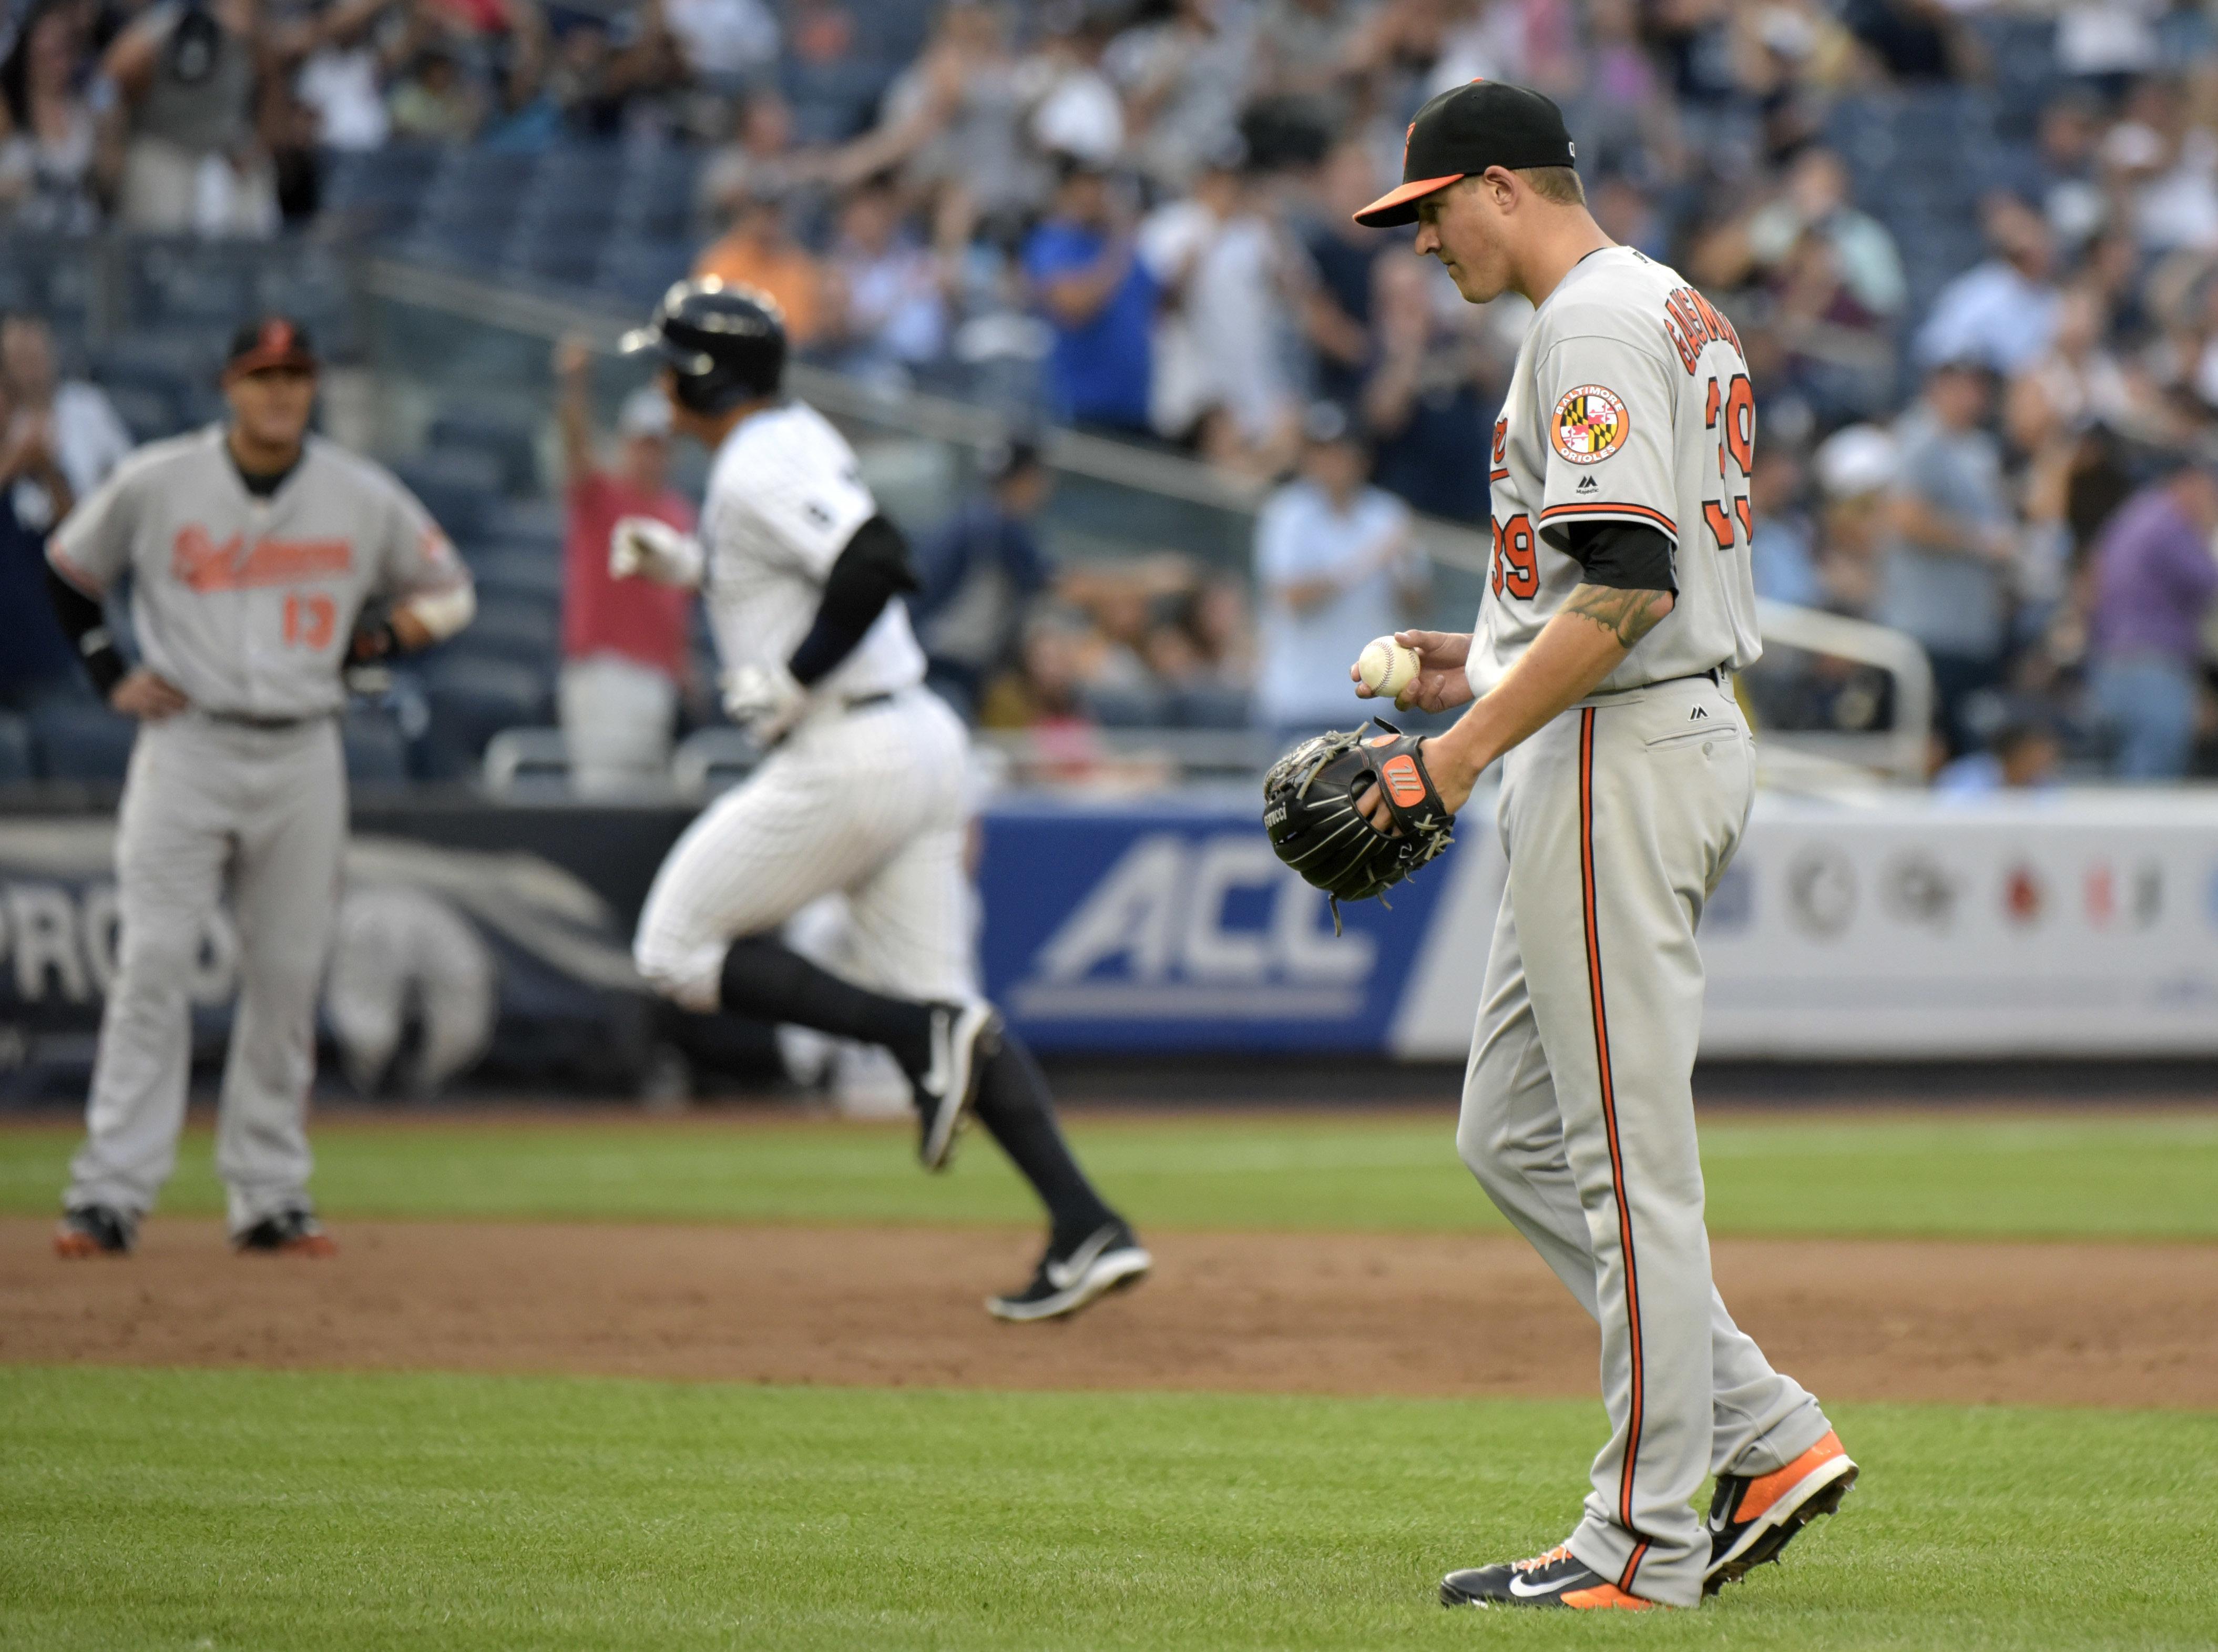 Orioles_yankees_baseball